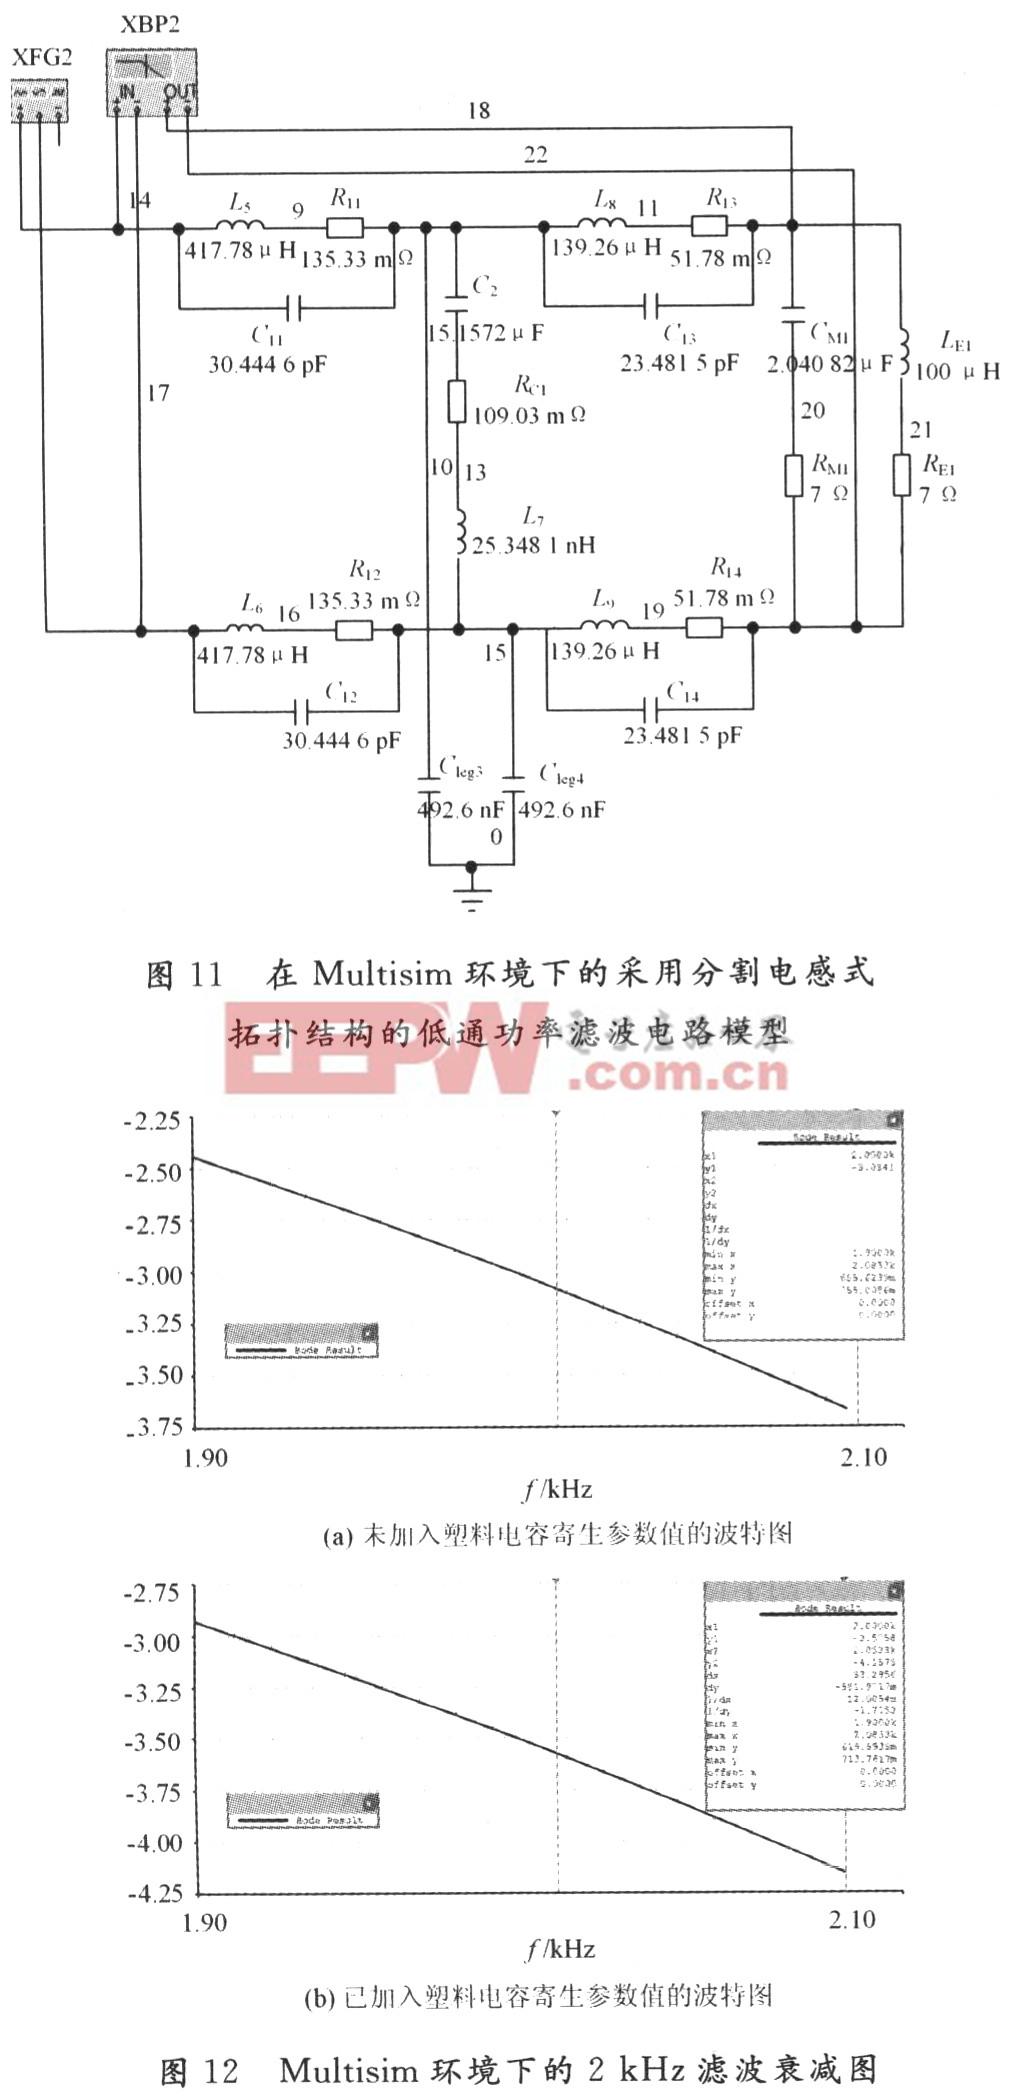 设计软件和电路仿真软件,从图12和图13可以清晰地发现,在截至频率2 kHz处,未加寄生参数值的电路模型比加入默认塑料电容寄生参数值的电路模型有O.5 dB的误差值。这也充分表明了功率设计软件所使用Excel宏仿真分析与NI公司的Multisim环境下的Spice模型仿真分析,它们具有共性可互为依托。  若用于工业成品的仿真设计,势必要根据元件手册中的真实值,并通过选用合理的模型结构,同时要加入准确的寄生参数,否则可能导致最终设计结果与仿真结果有所出入。 5 结 语 实际上由于脉冲宽度调制放大系统中的低通